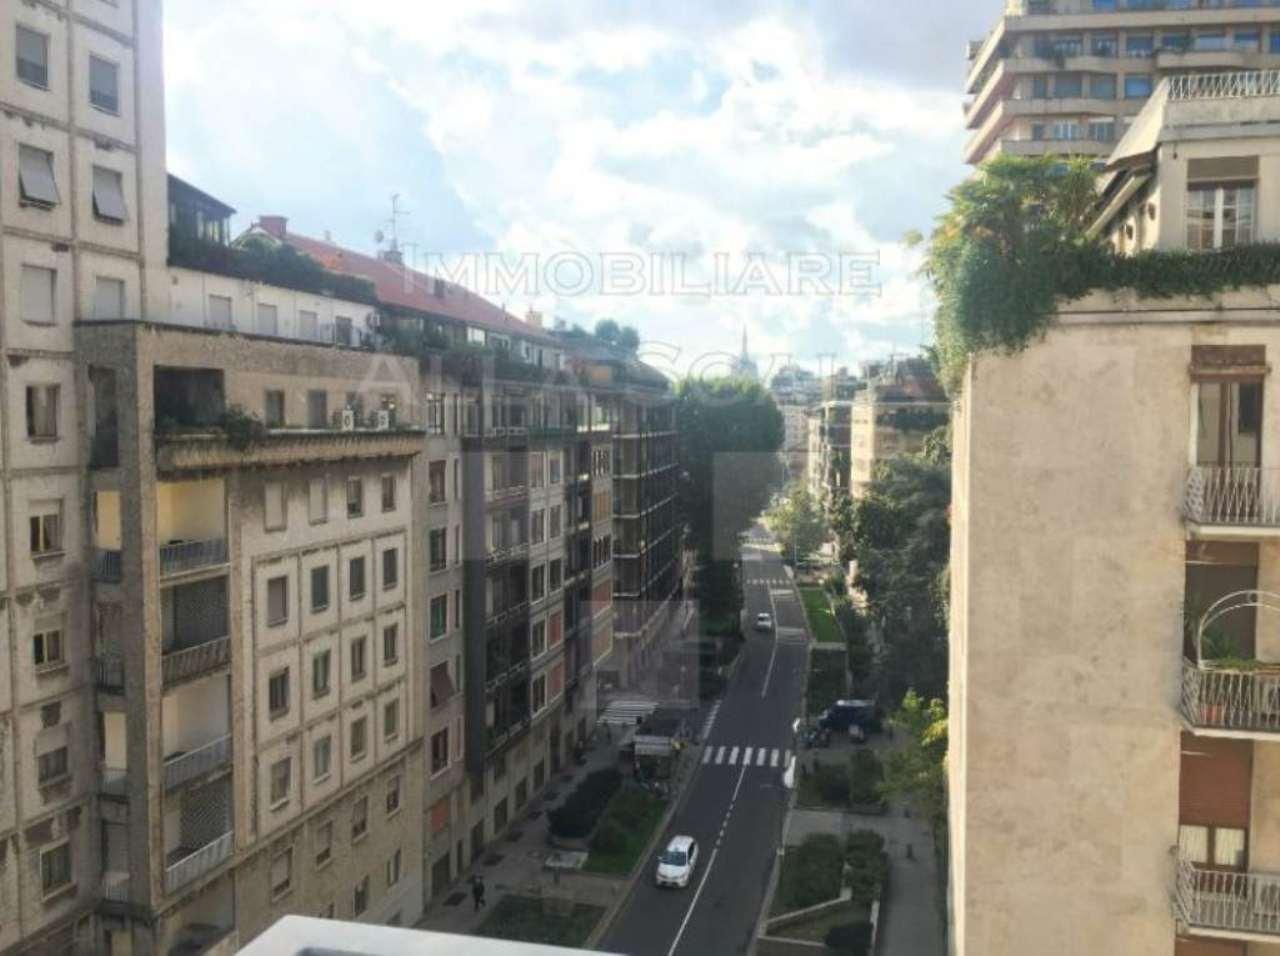 Appartamento in affitto a Milano, 6 locali, zona Zona: 1 . Centro Storico, Duomo, Brera, Cadorna, Cattolica, prezzo € 5.350 | CambioCasa.it